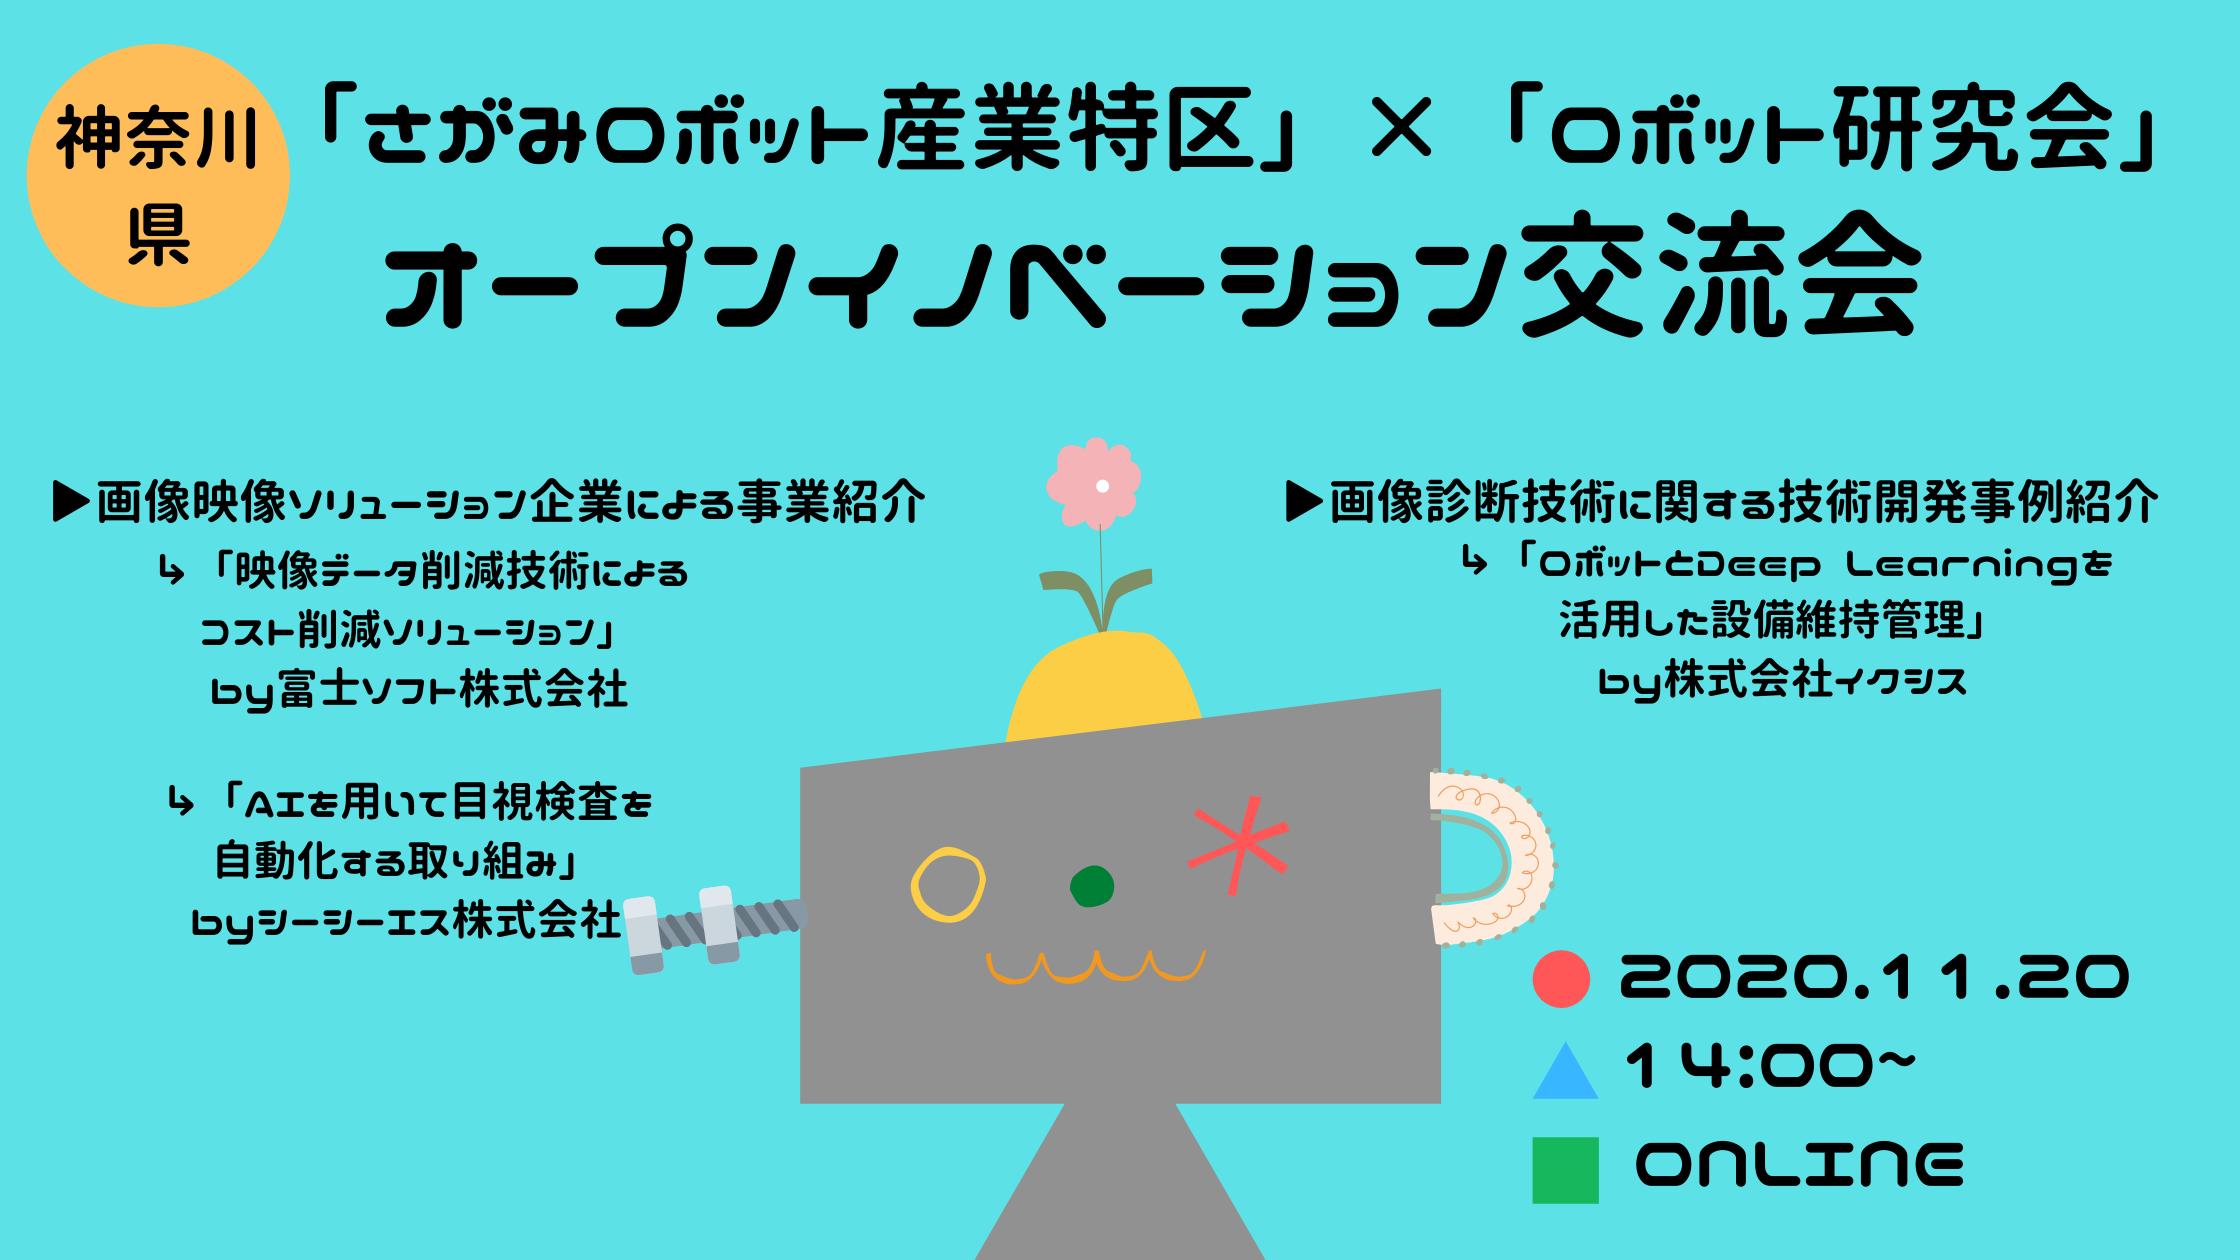 【オンライン】神奈川県「さがみロボット産業特区」×「ロボット研究会」『オープンイノベーション交流会』